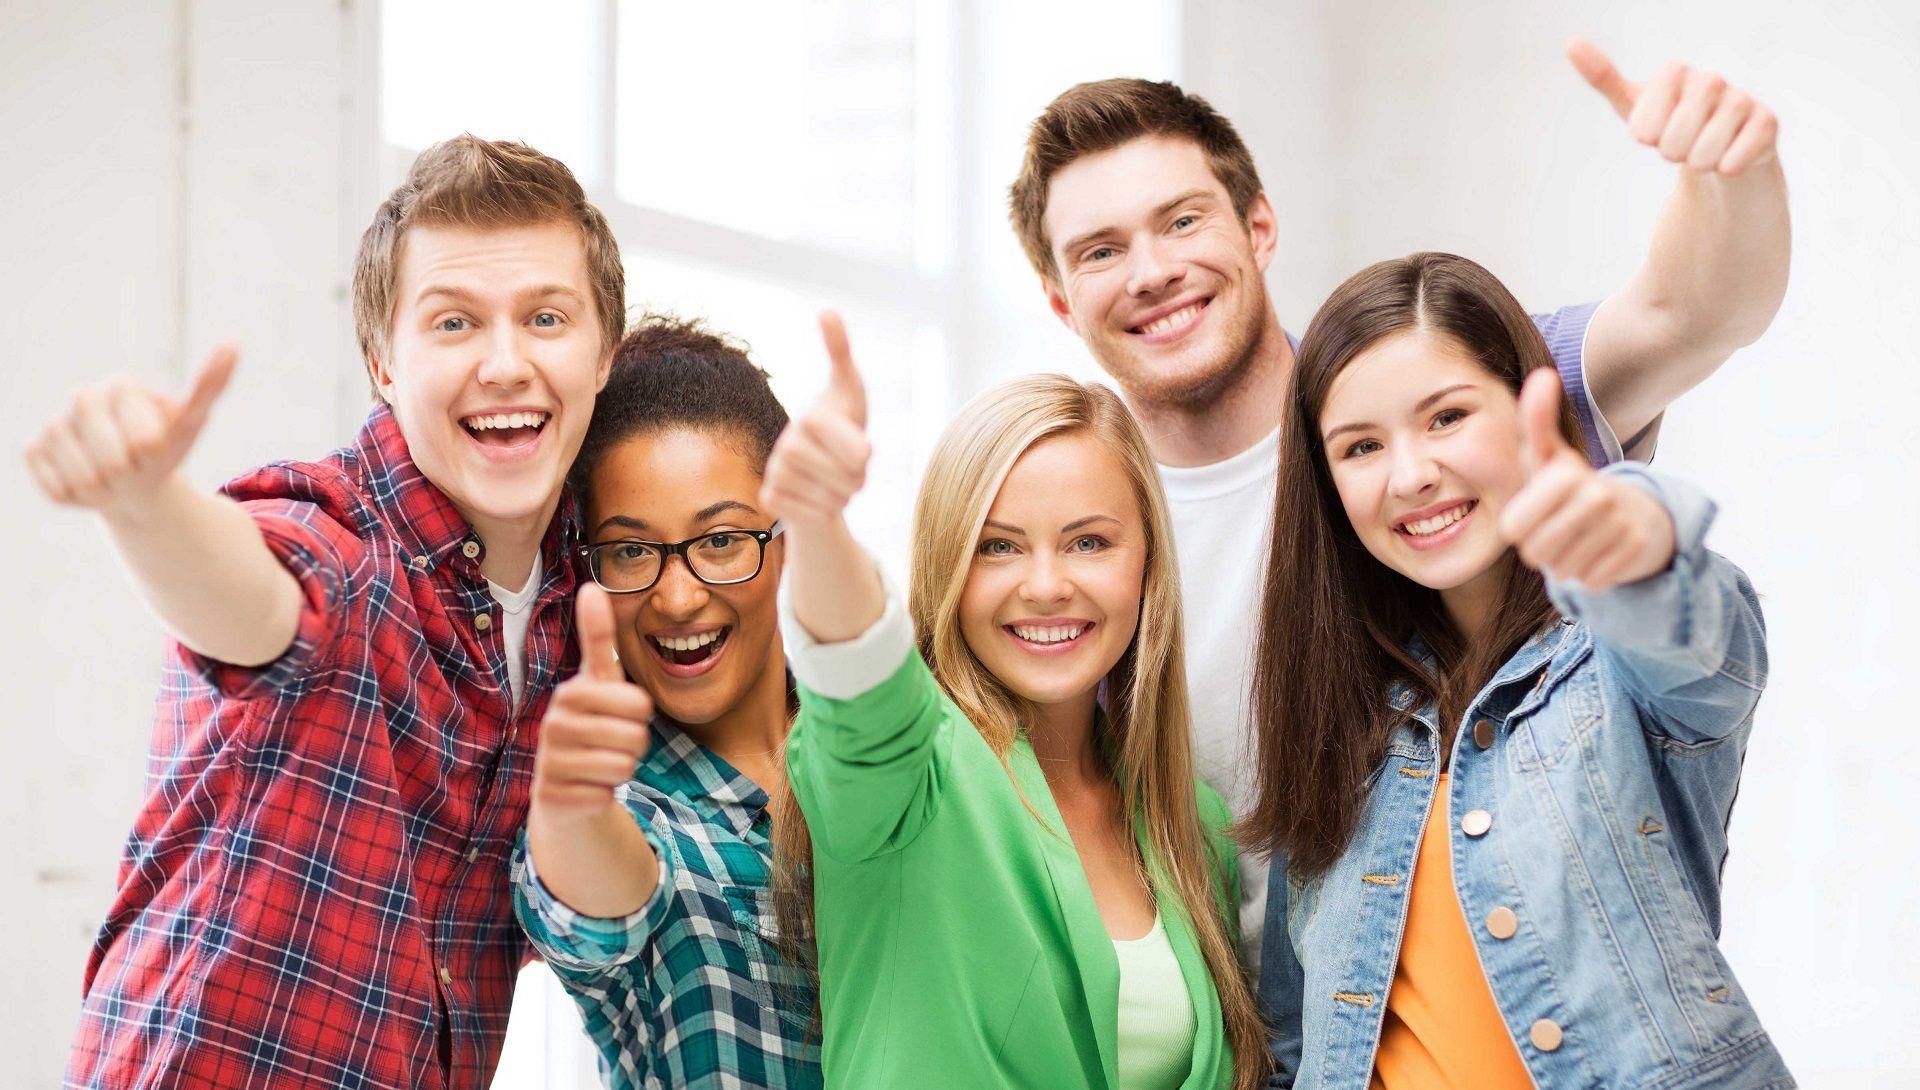 Студентки веселятся после экзамена, Студентки после экзамена » Порно видео онлайн 1 фотография